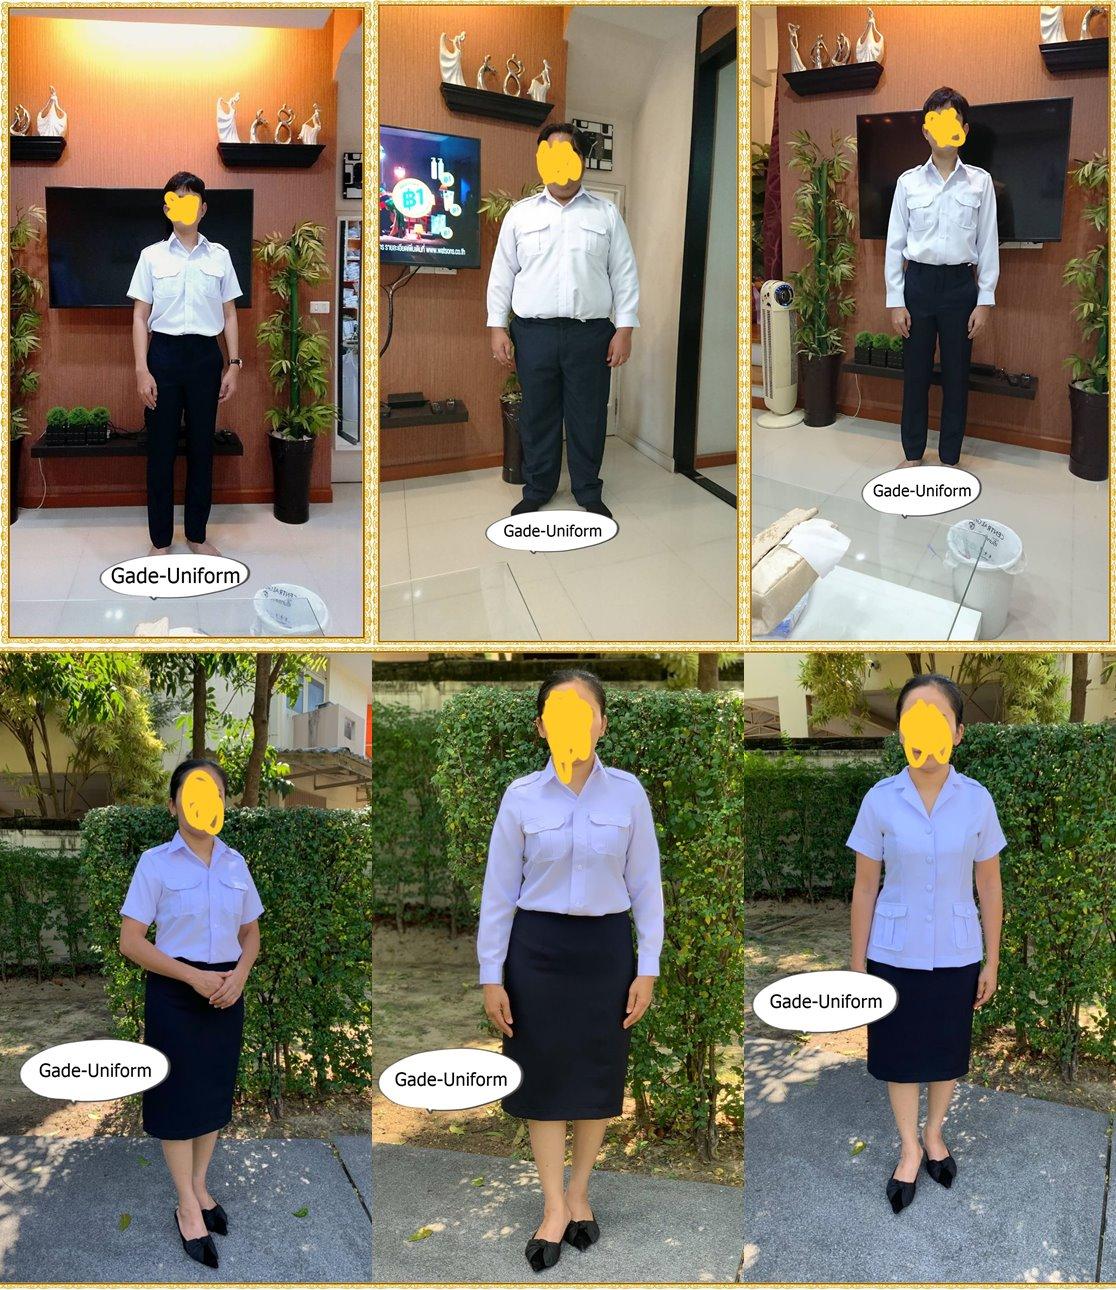 ชุดพนักงานราชการเสื้อขาว-กางเกง-กระโปรงสีกรมท่า